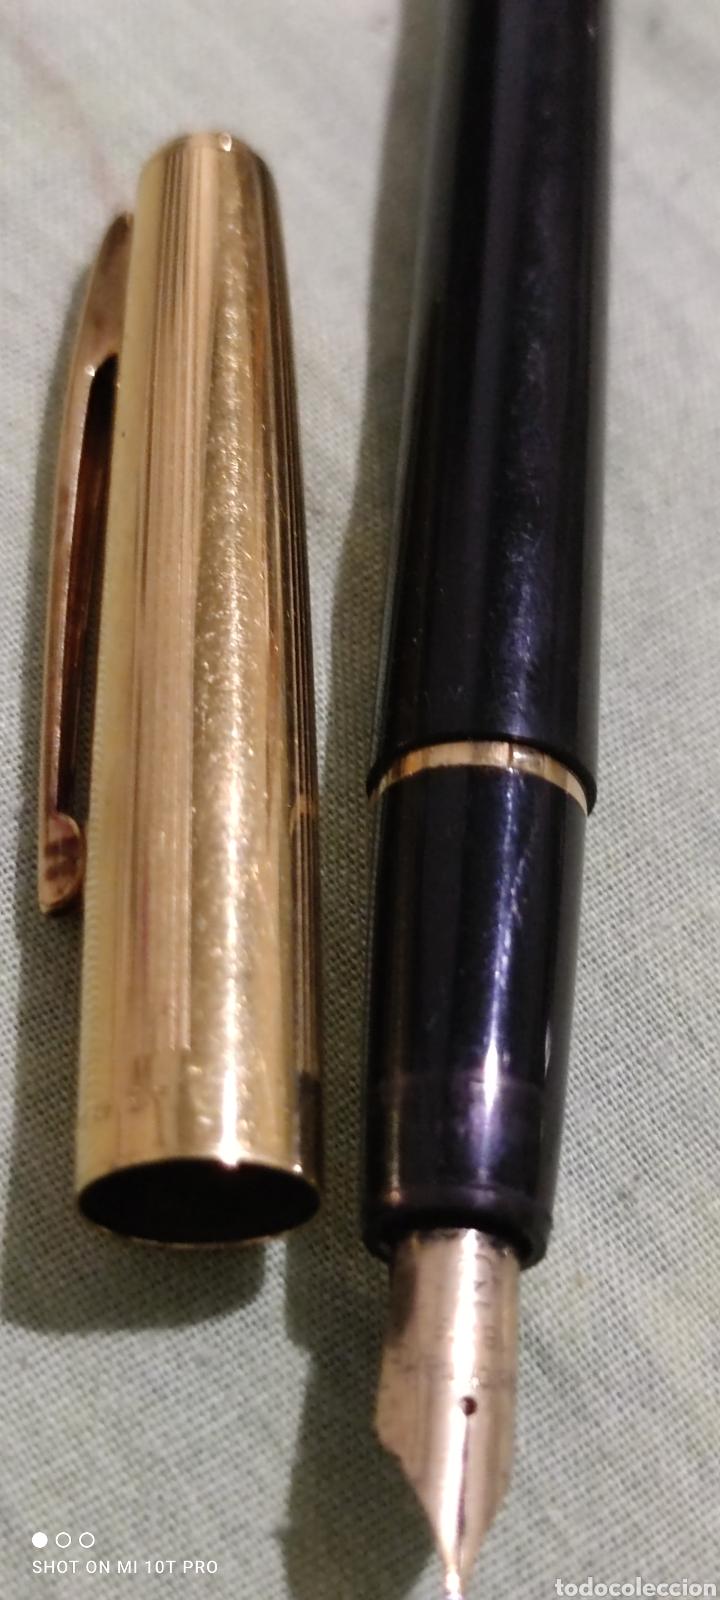 Plumas estilográficas antiguas: Pluma Waterman - Foto 3 - 293662468